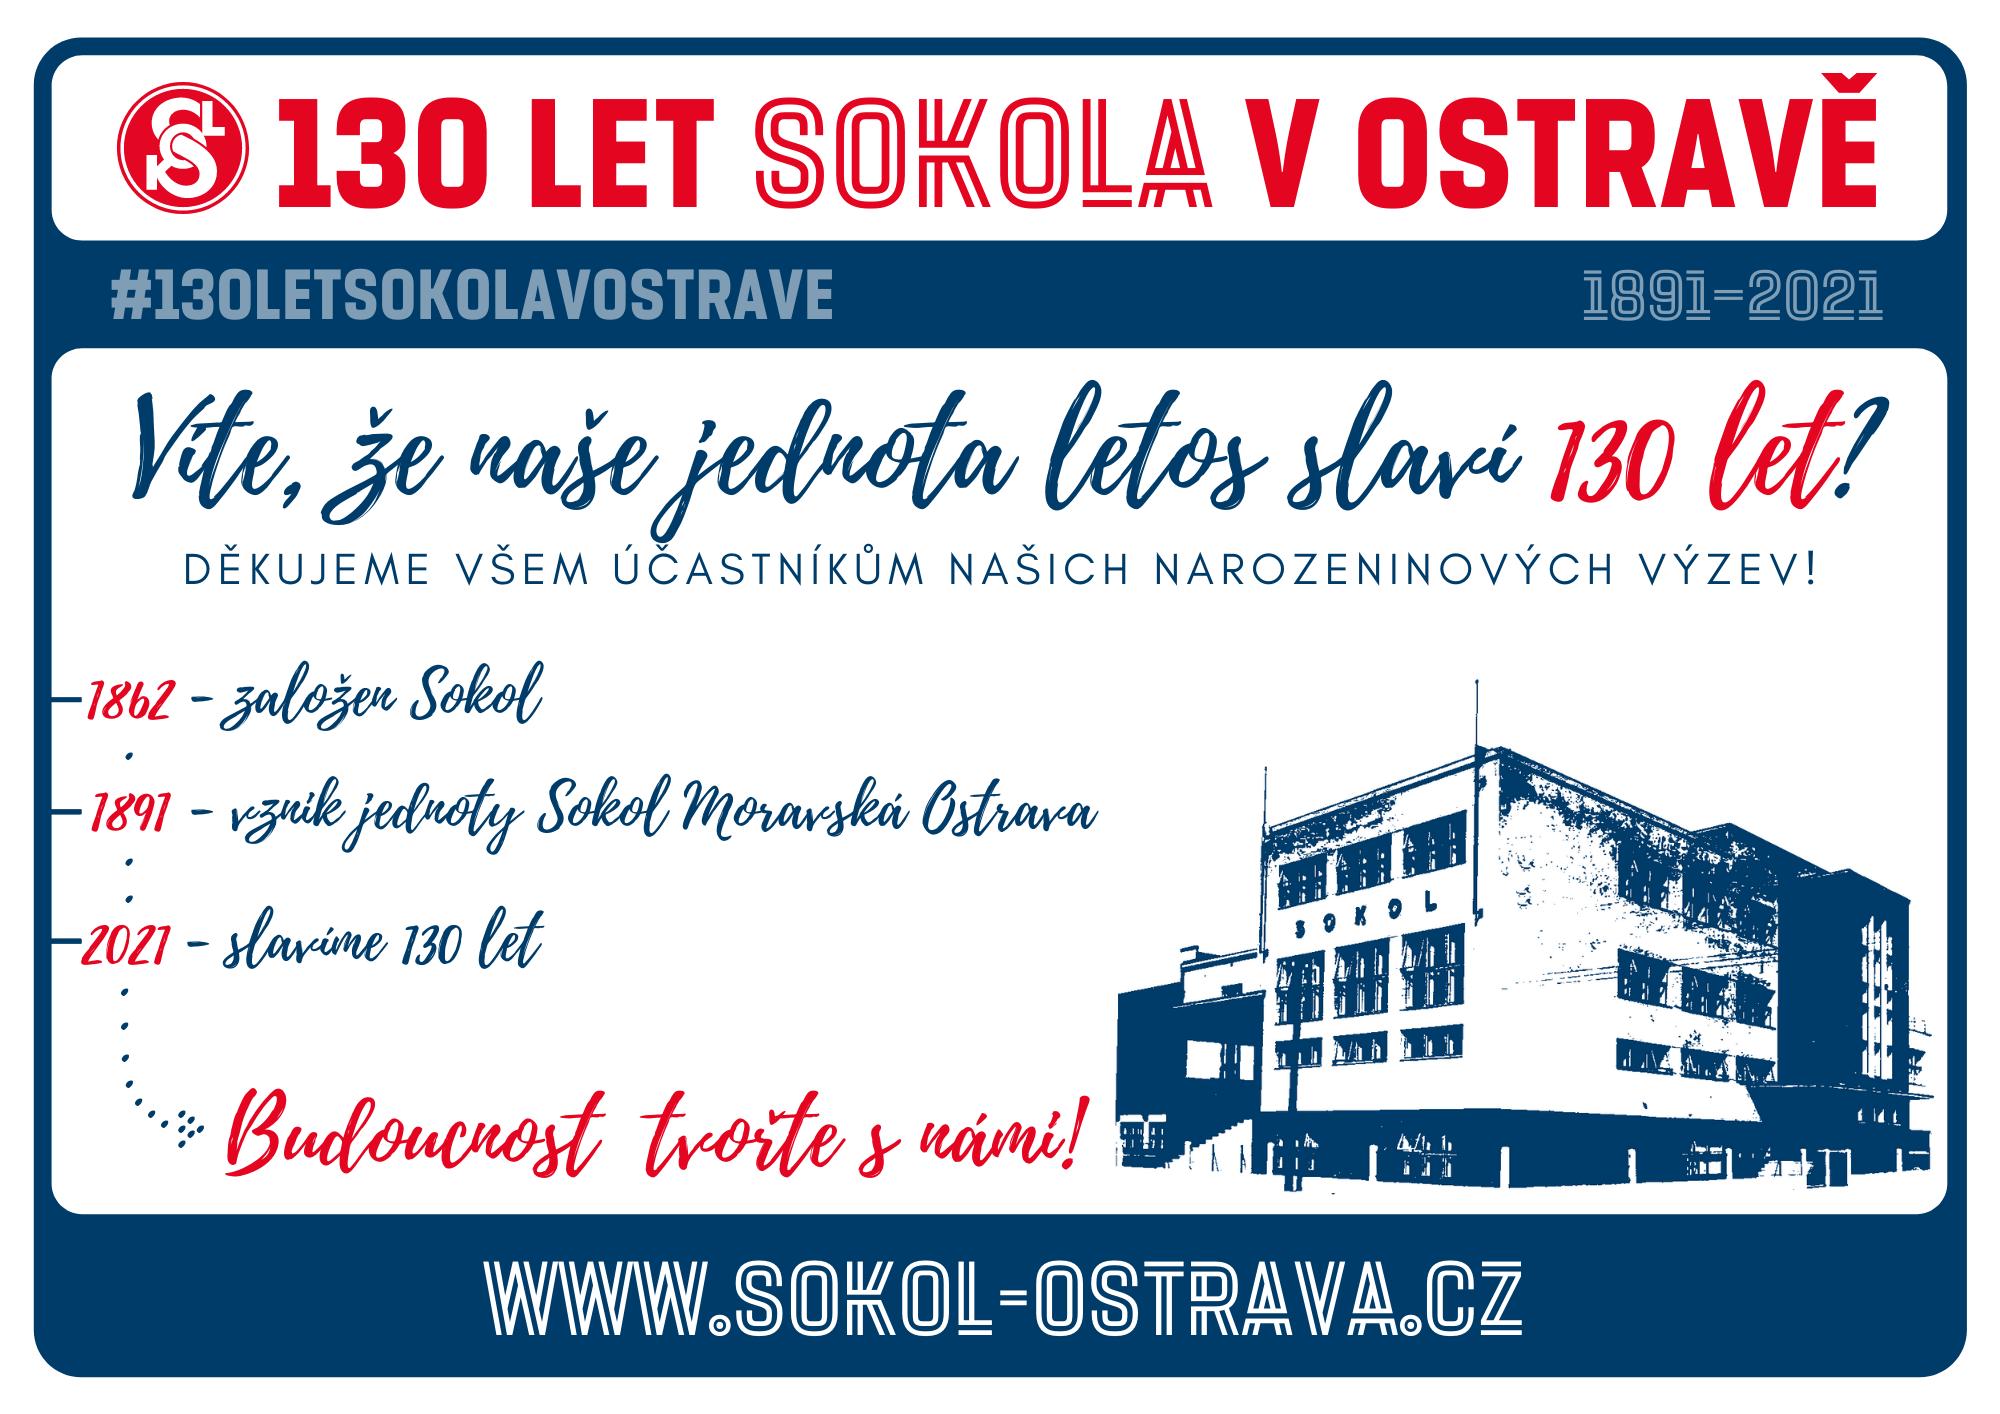 1891-2021 to je 130 let od založení Sokola v Moravské Ostravě